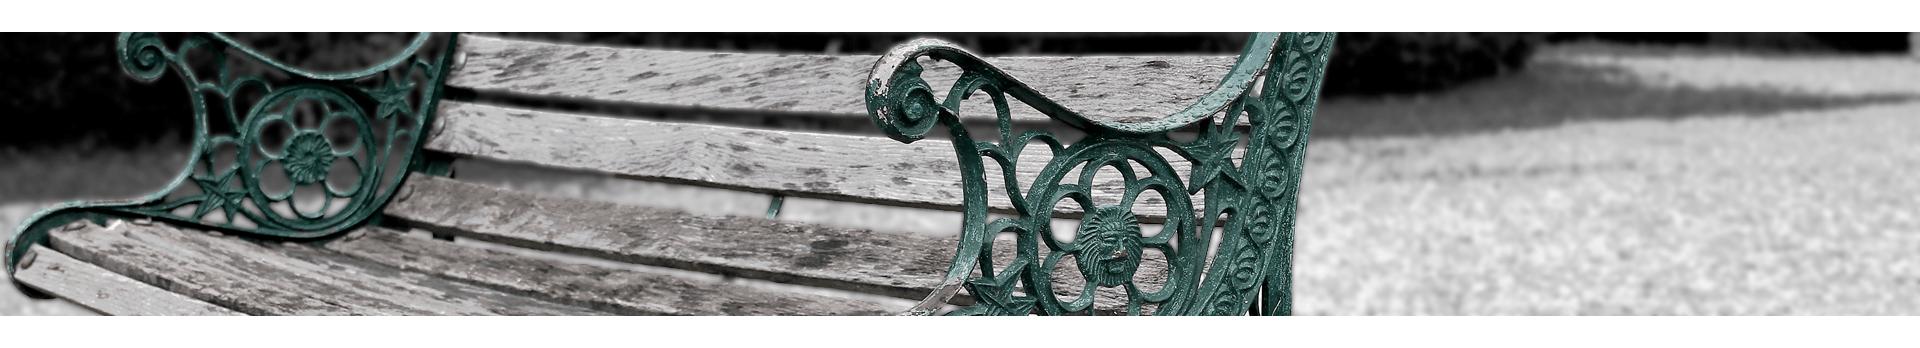 Bancos de Jardín y Terraza | Exterior | Mobelfy ®